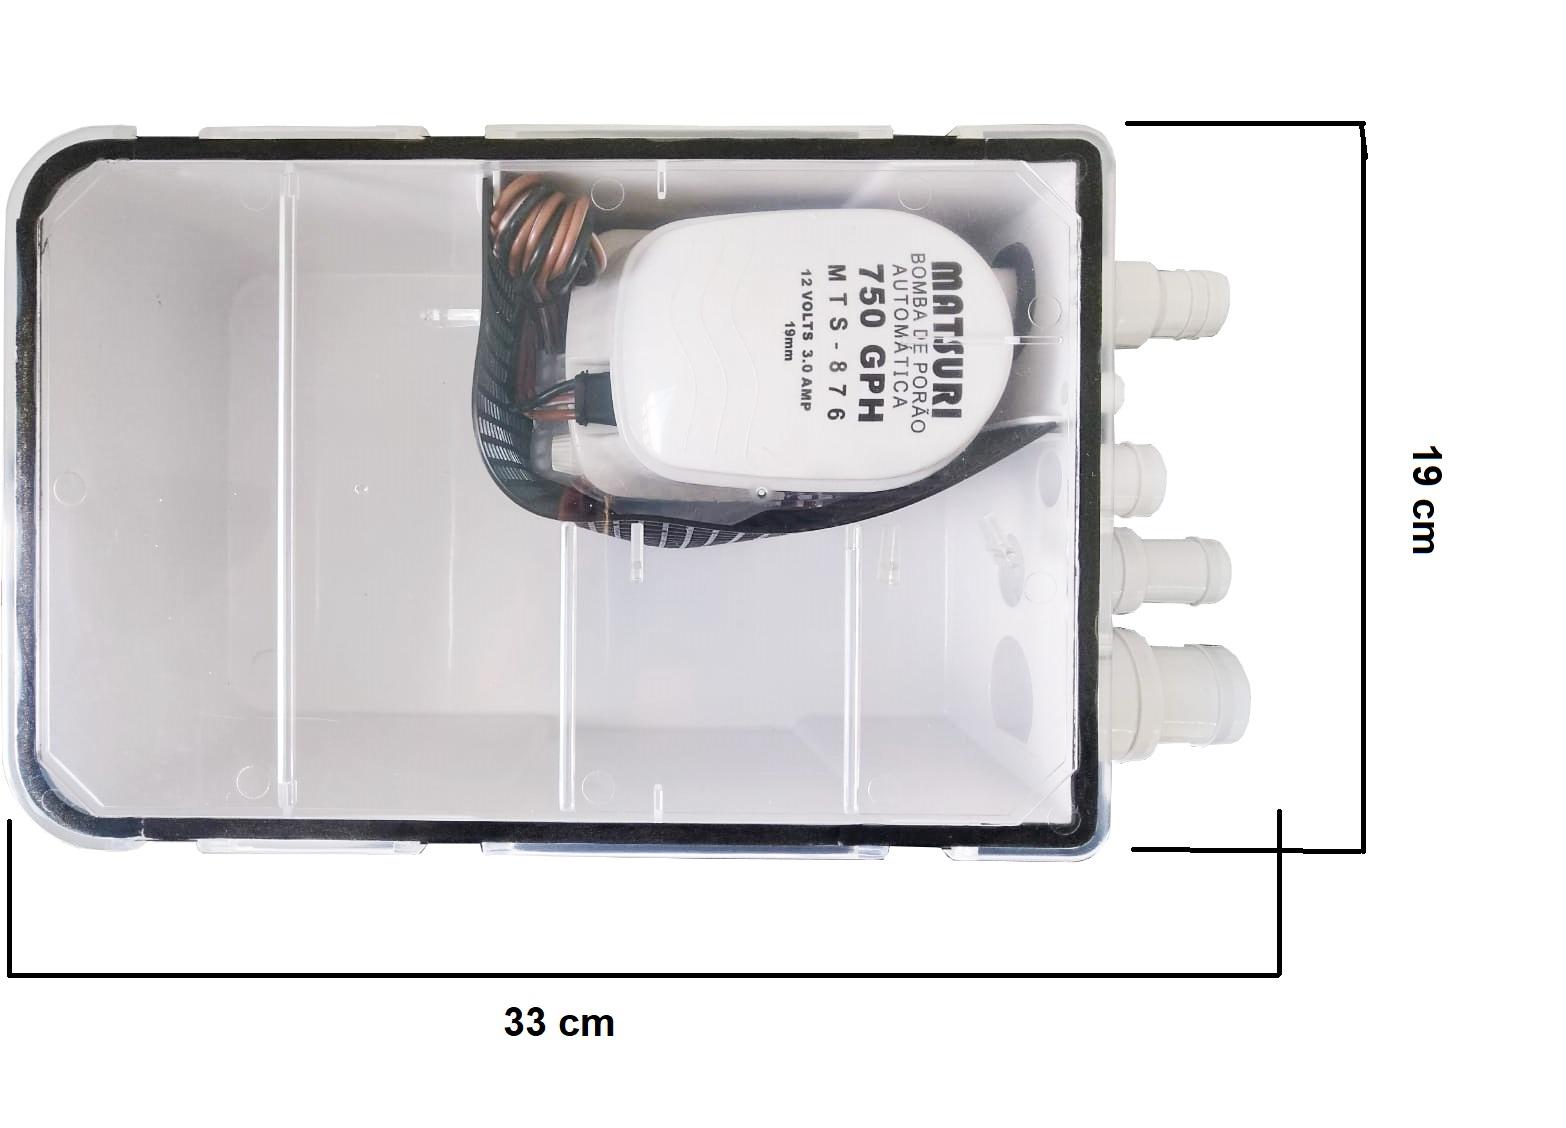 ELETRO BOMBA PARA BANHEIRO SHOWER 750 GPH 12 V